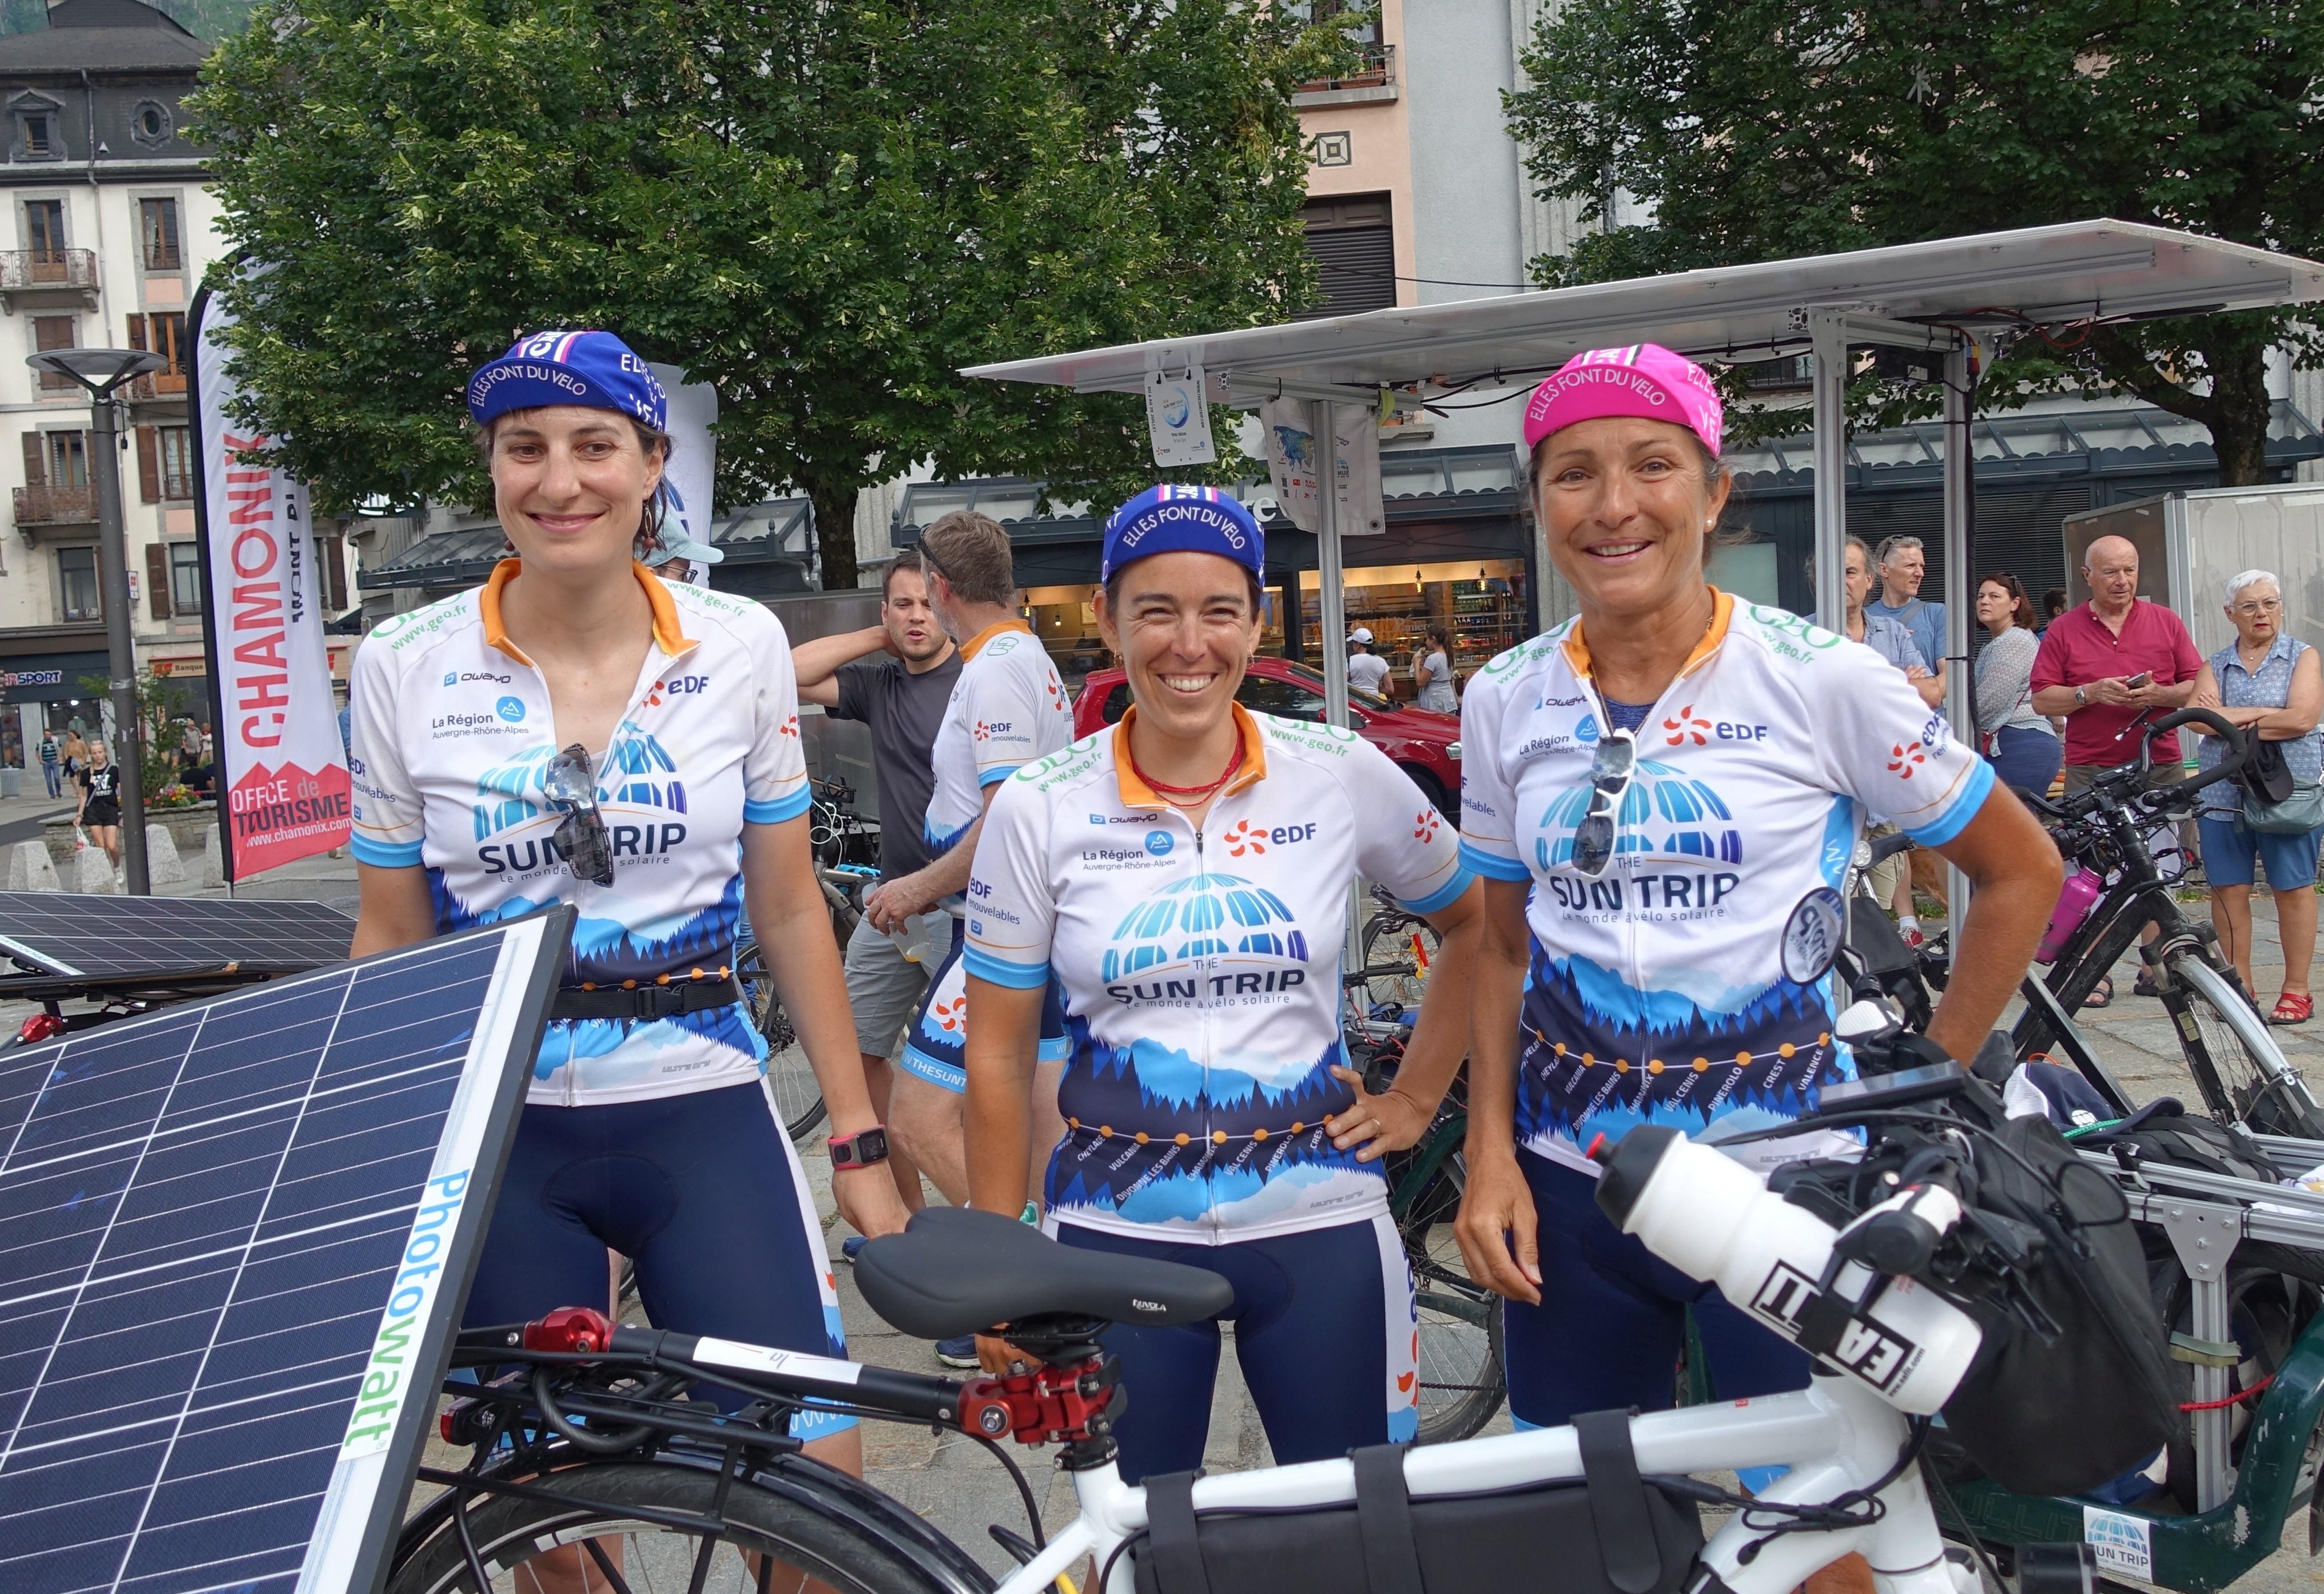 3 femmes cyclistes sur le Sun Trip Tour avec les casquettes EFDV